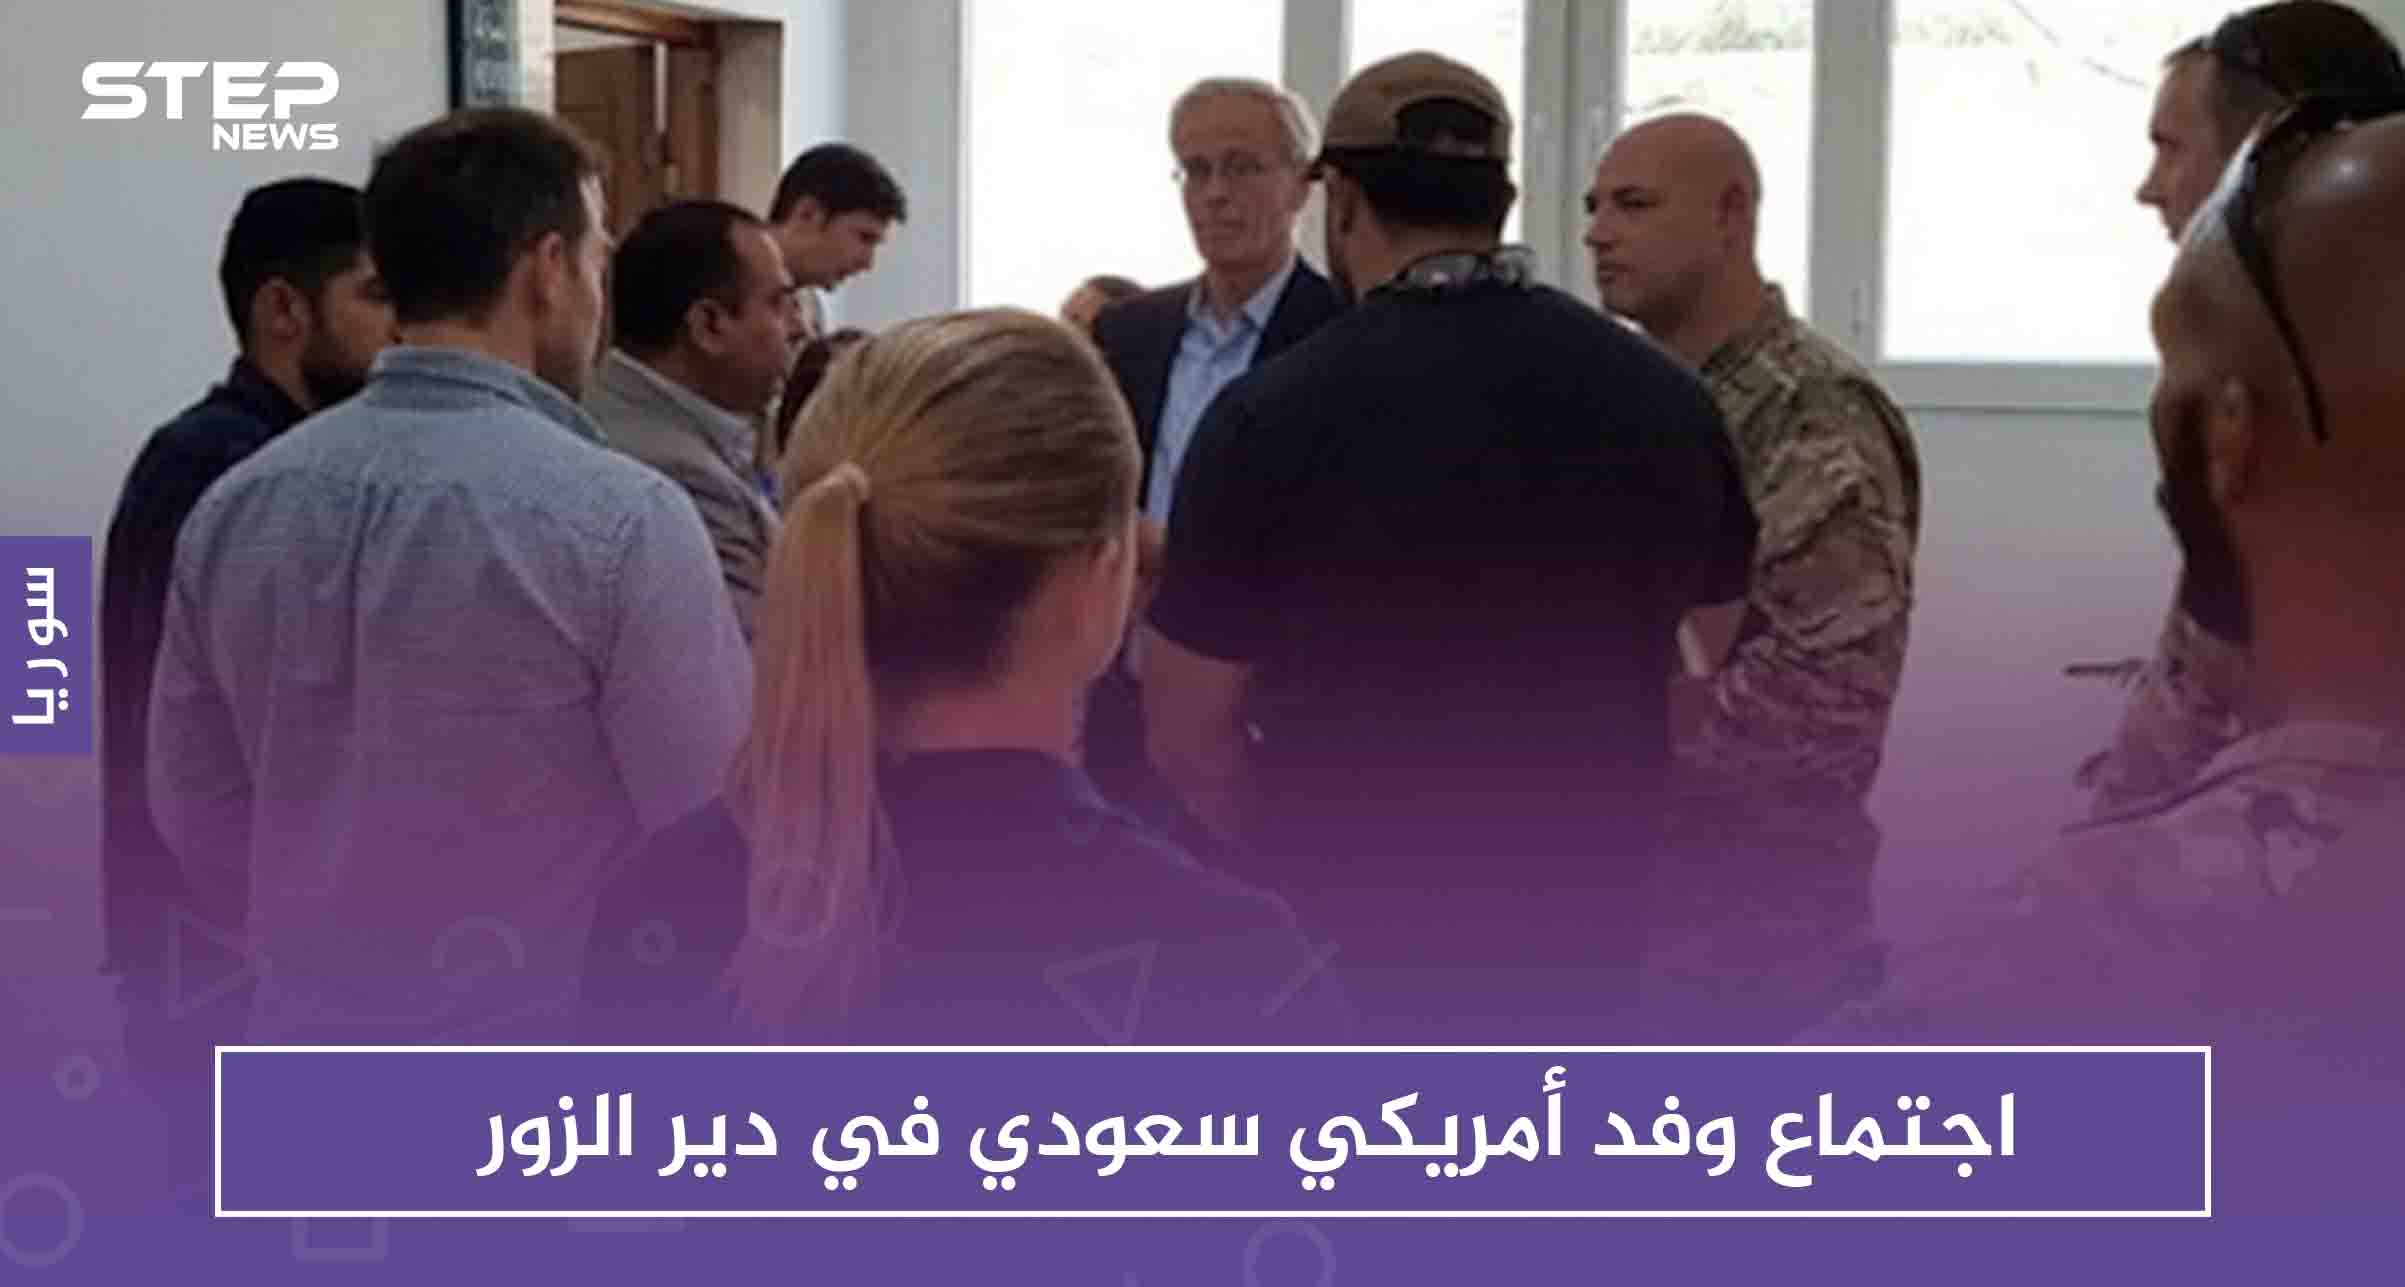 اجتماع وفد أمريكي سعودي في ديرالزور.. ماذا تتضمن وماموقف المعارضة؟